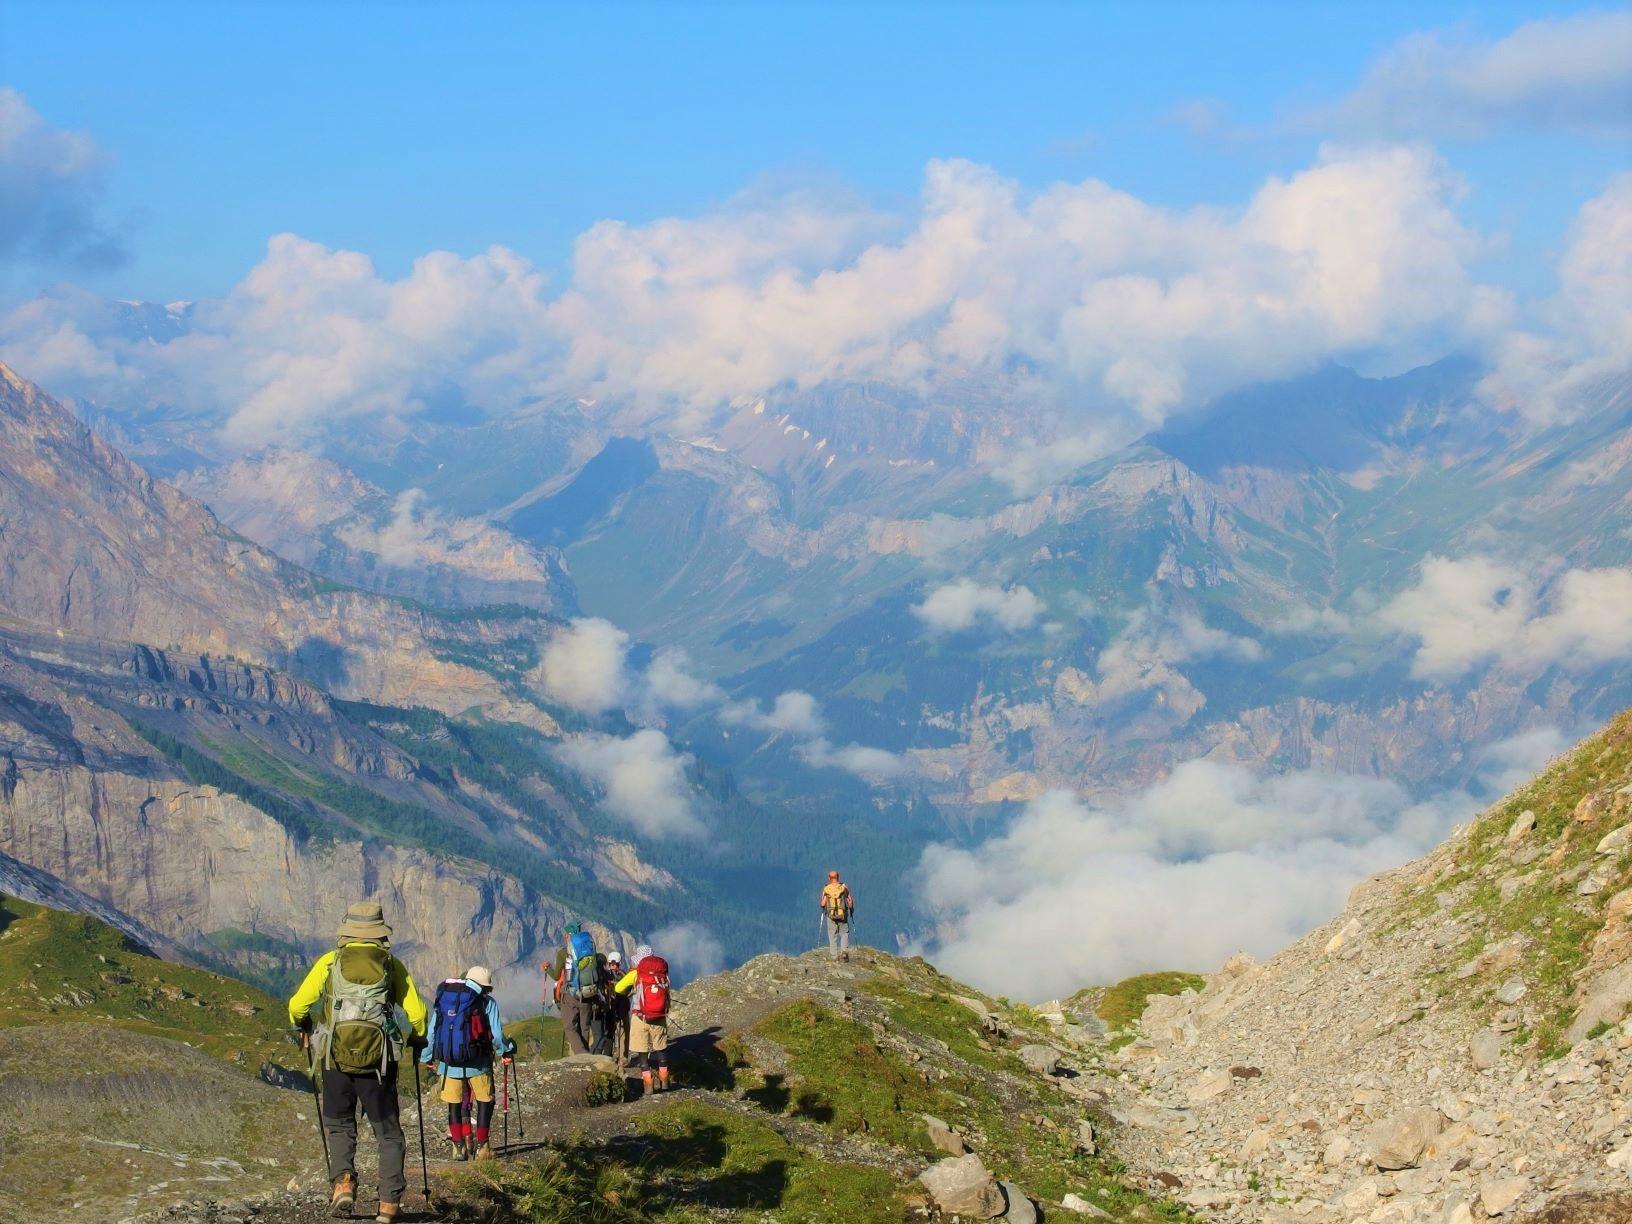 ヴィア・アルピナ・トレイル大踏破とスイス5つの隠れ里 10日間